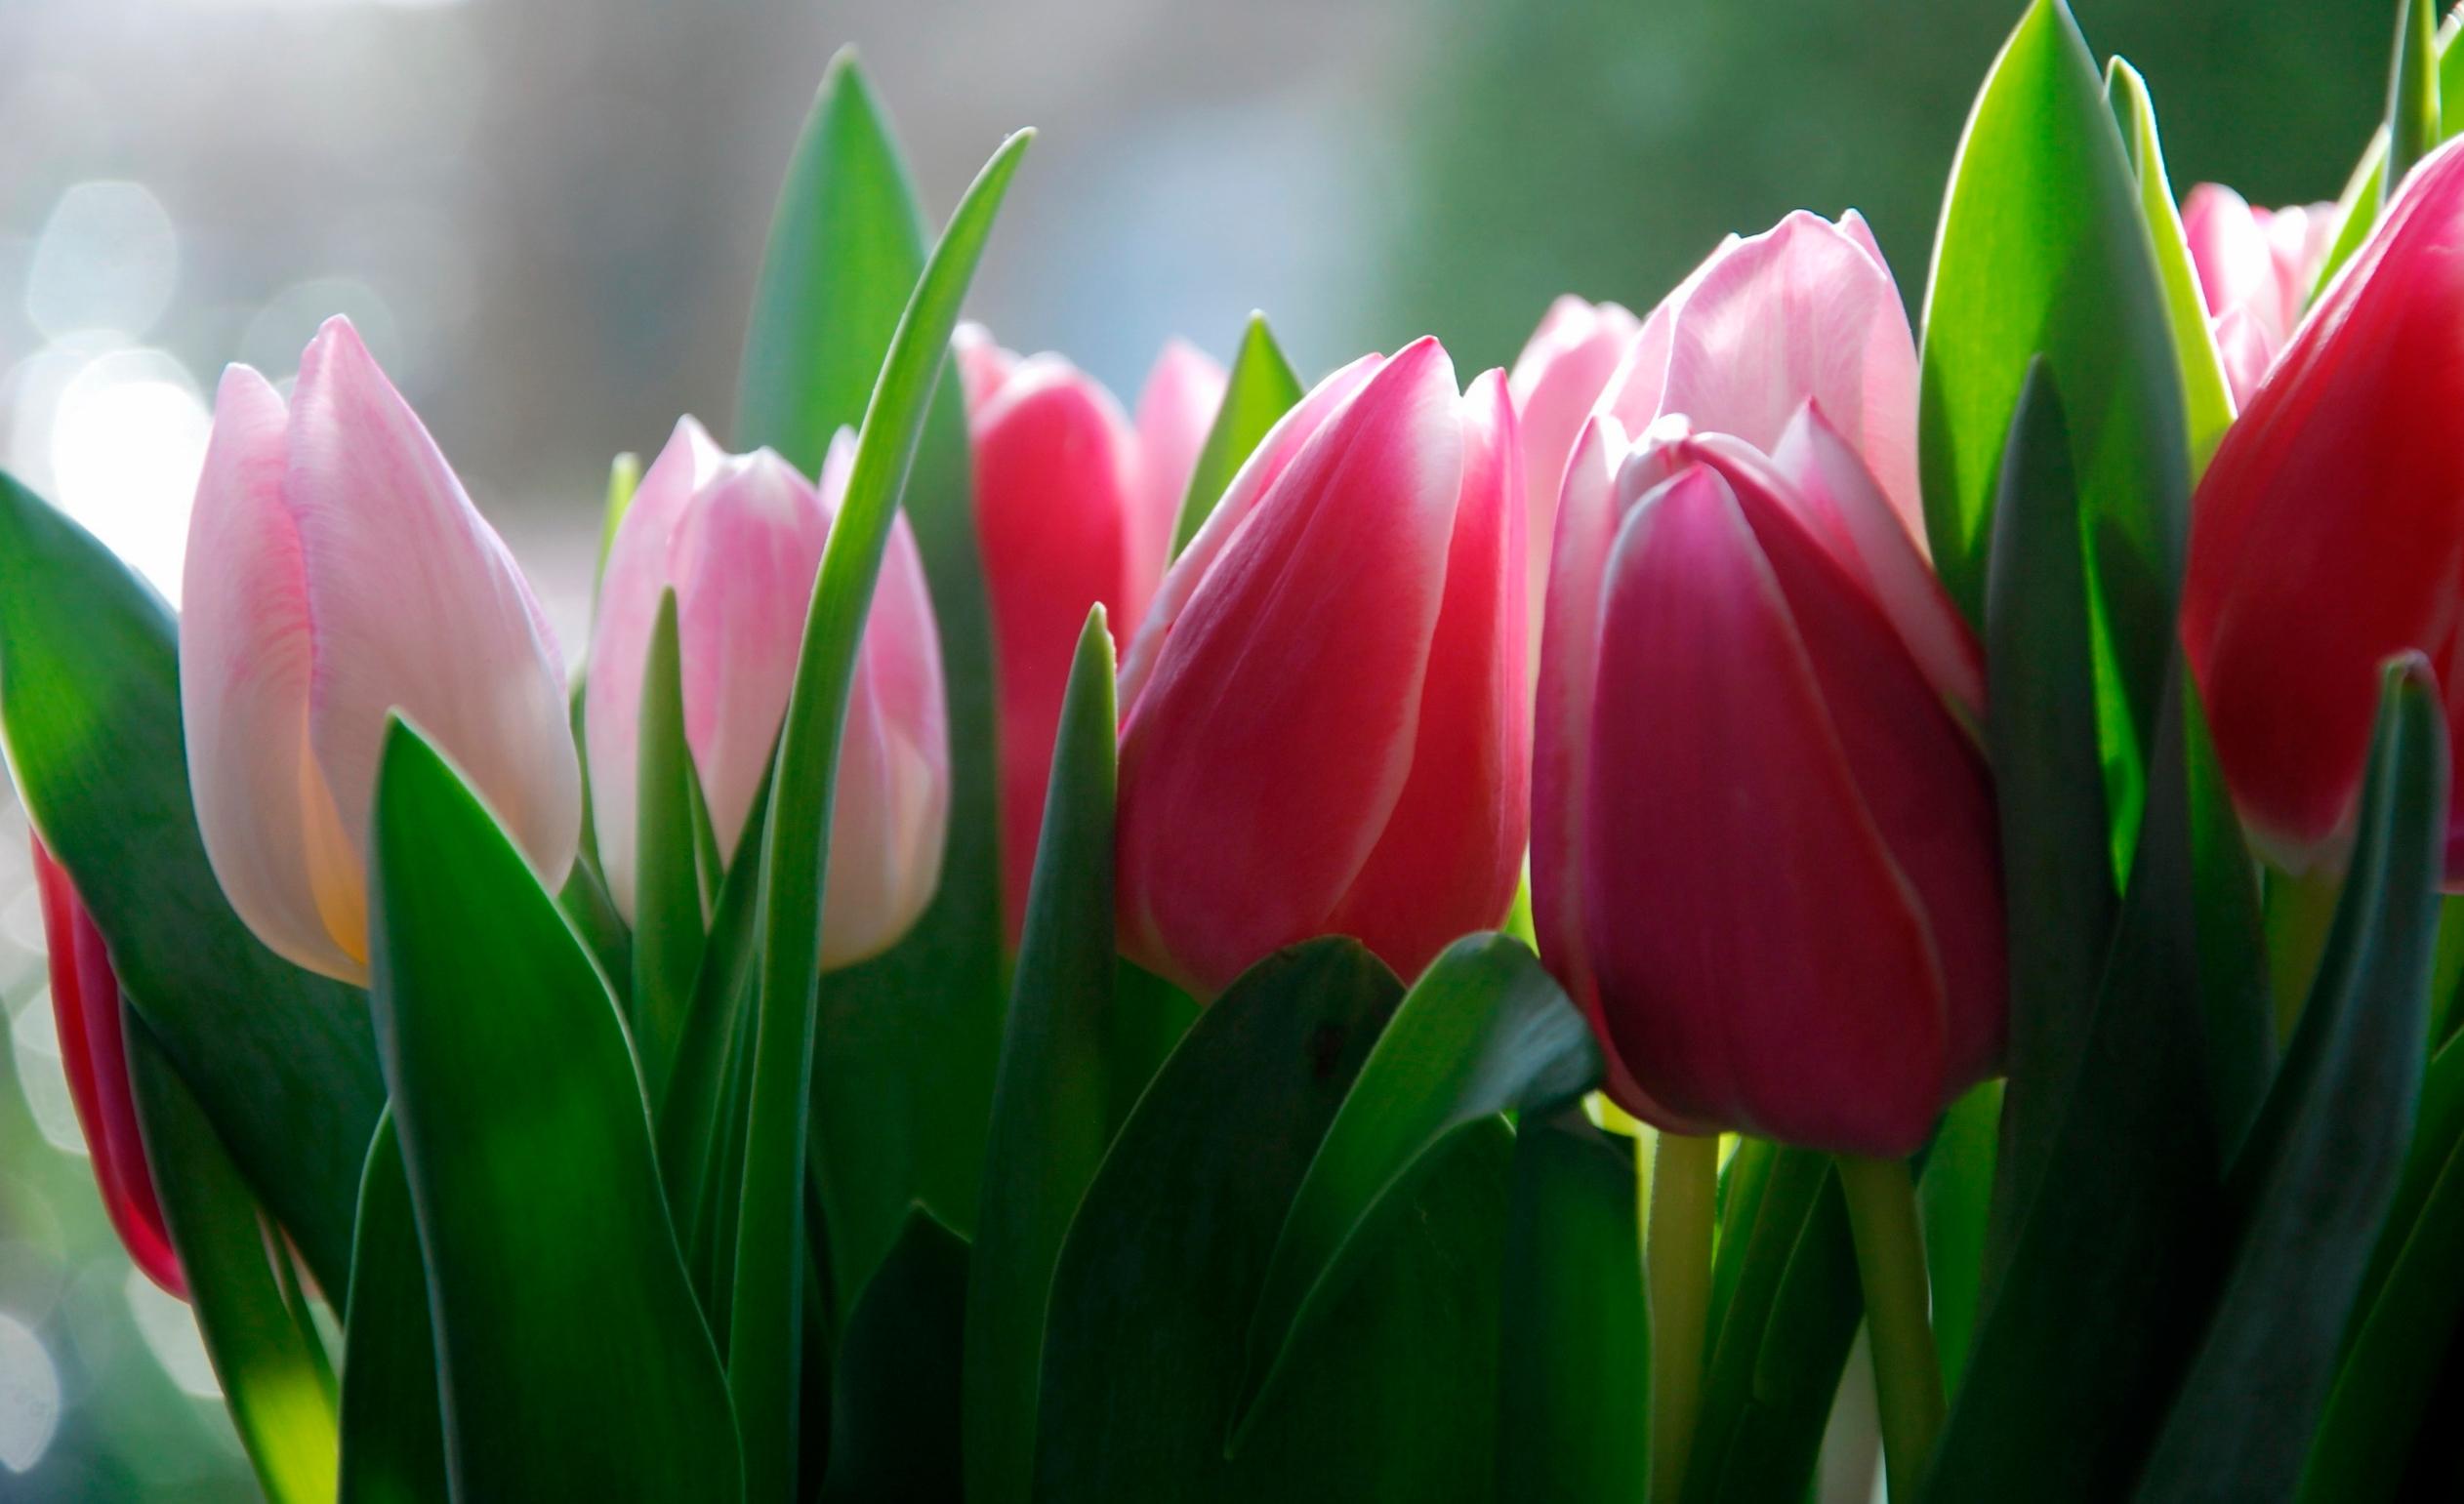 tulip-photo-123